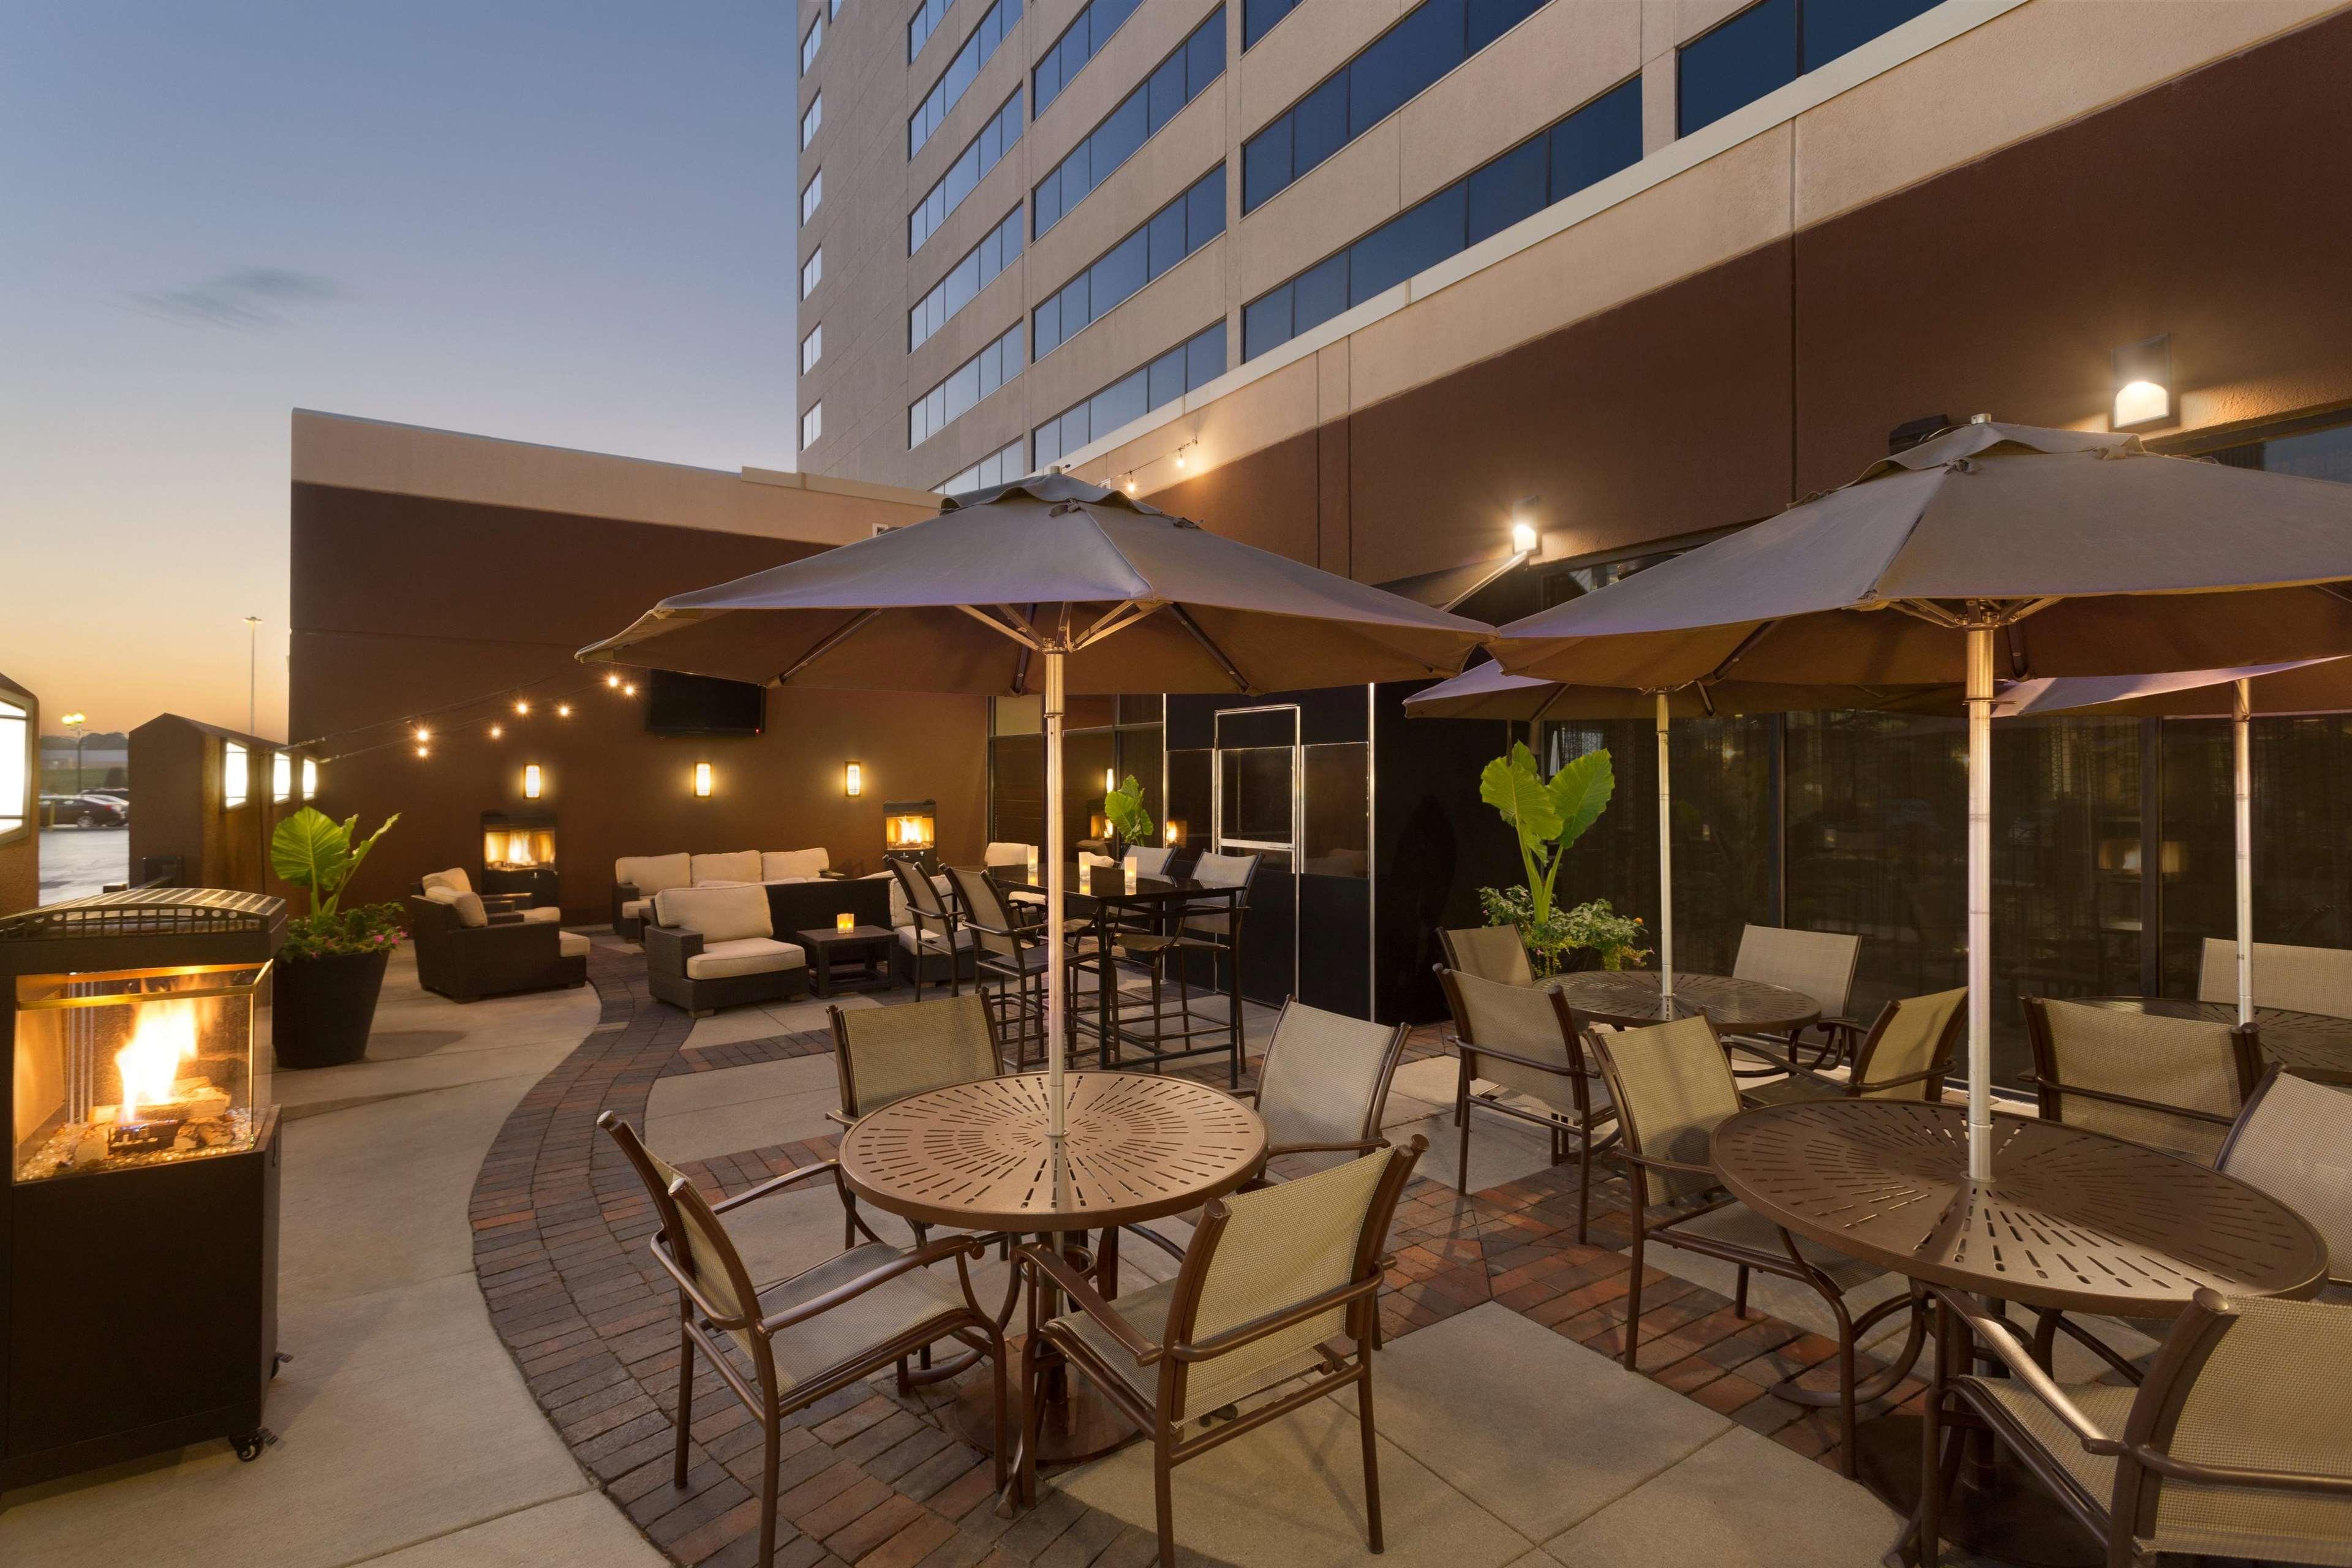 Hilton Chicago/Oak Brook Suites image 38